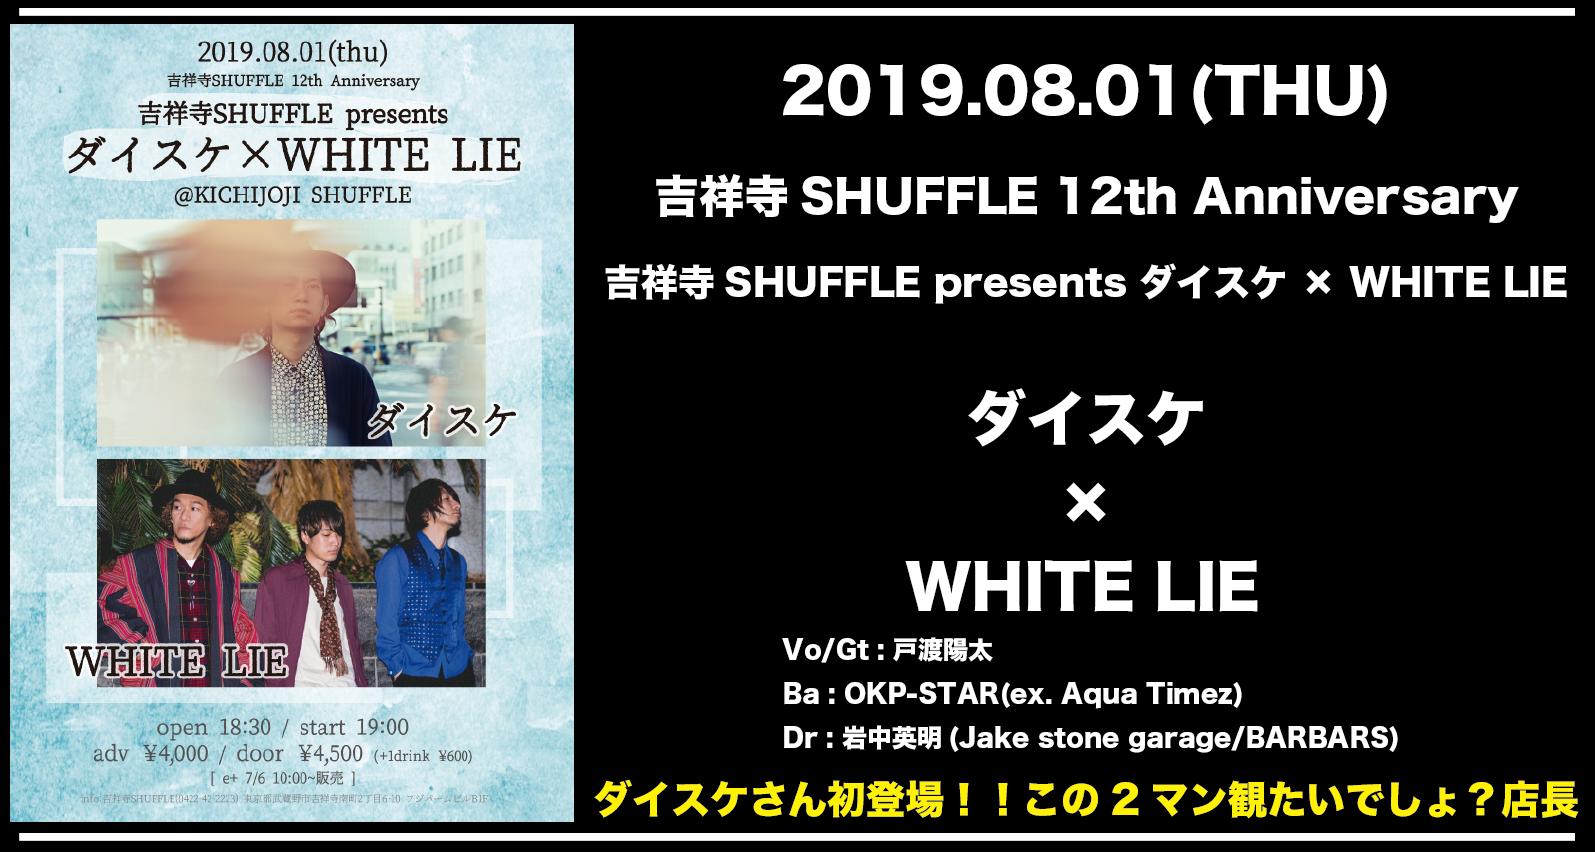 吉祥寺SHUFFLE 12th Anniversary 吉祥寺SHUFFLE presents ダイスケ × WHITE LIE